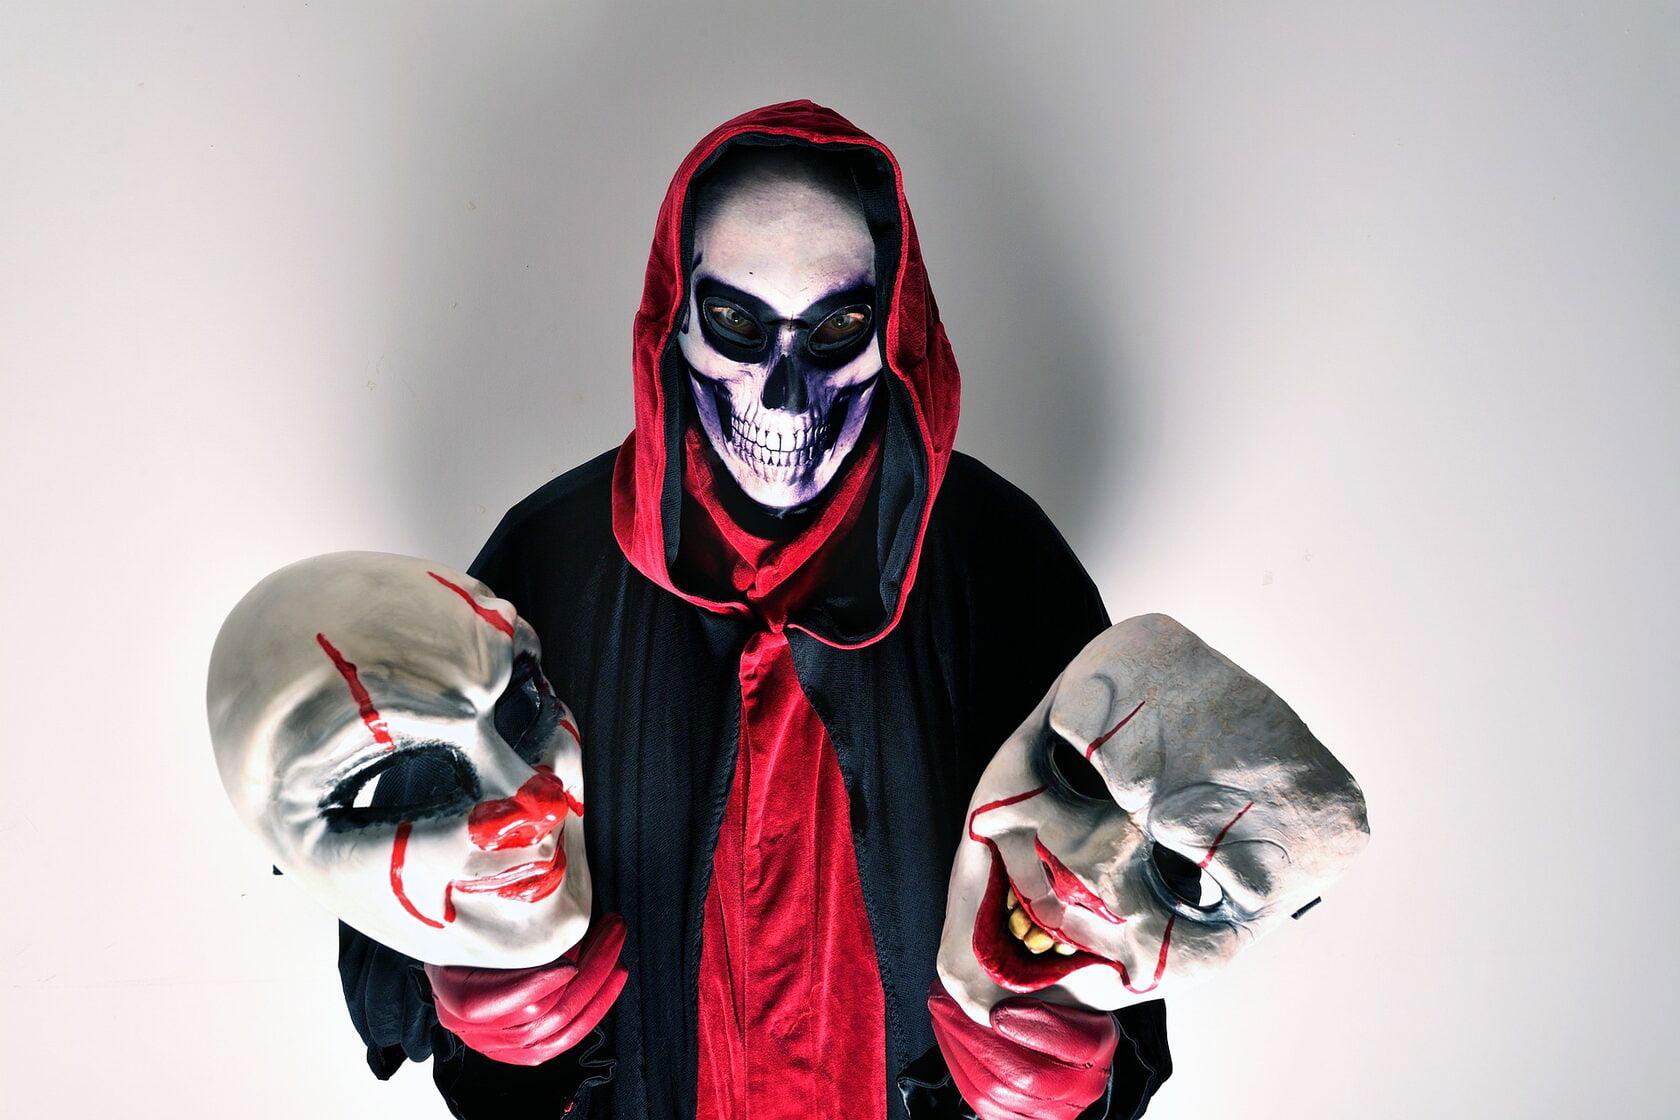 halloween costume ideas 30 38